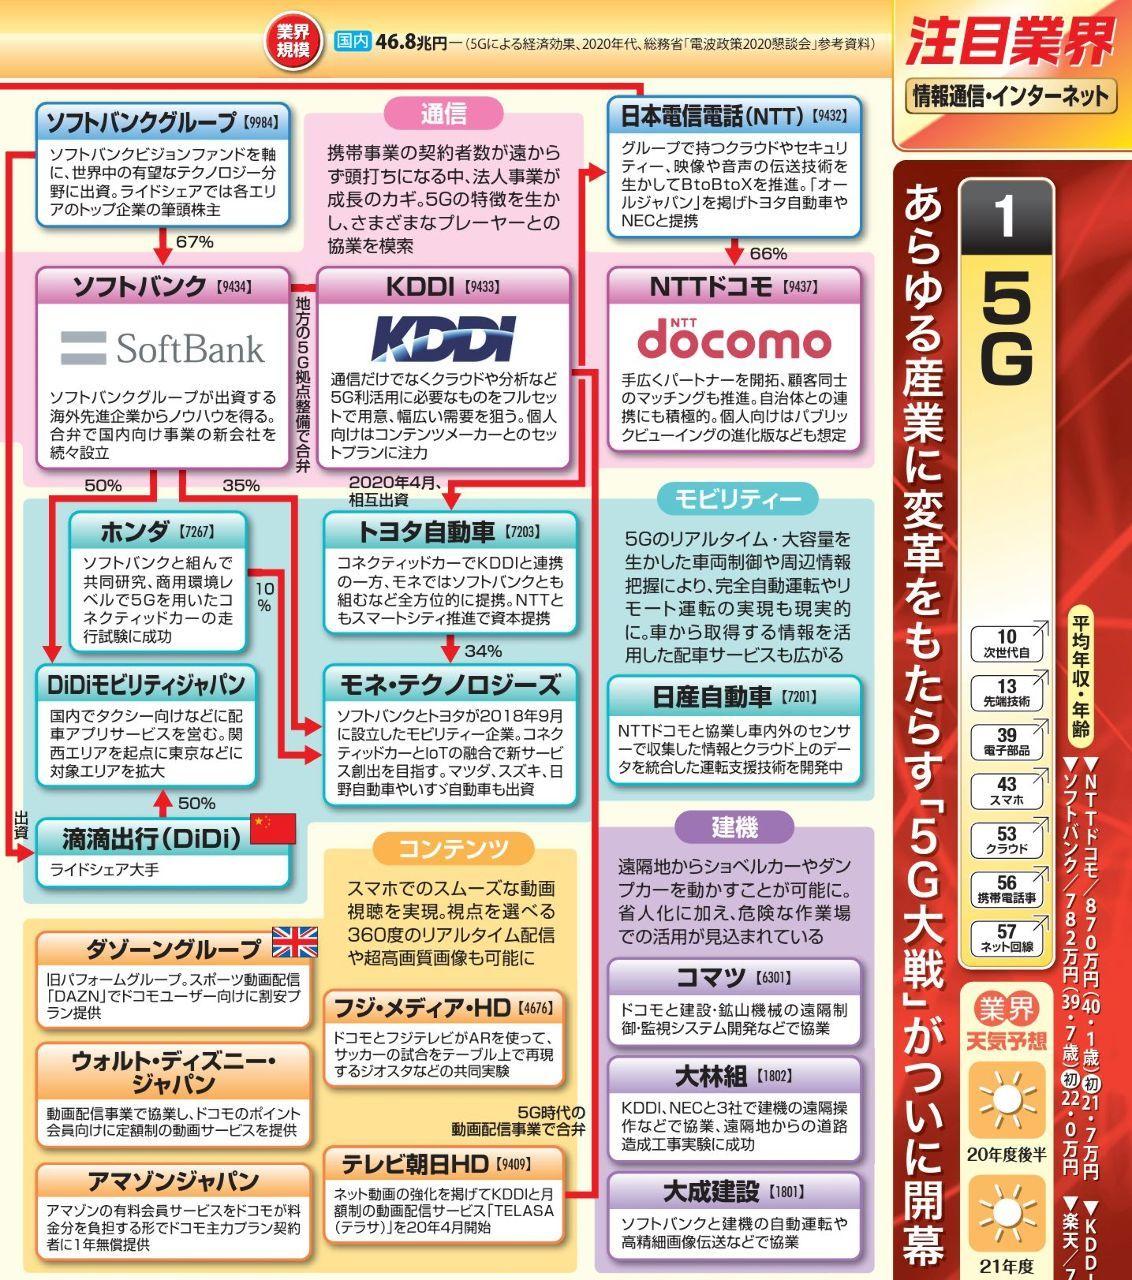 くるみぱん3 5G